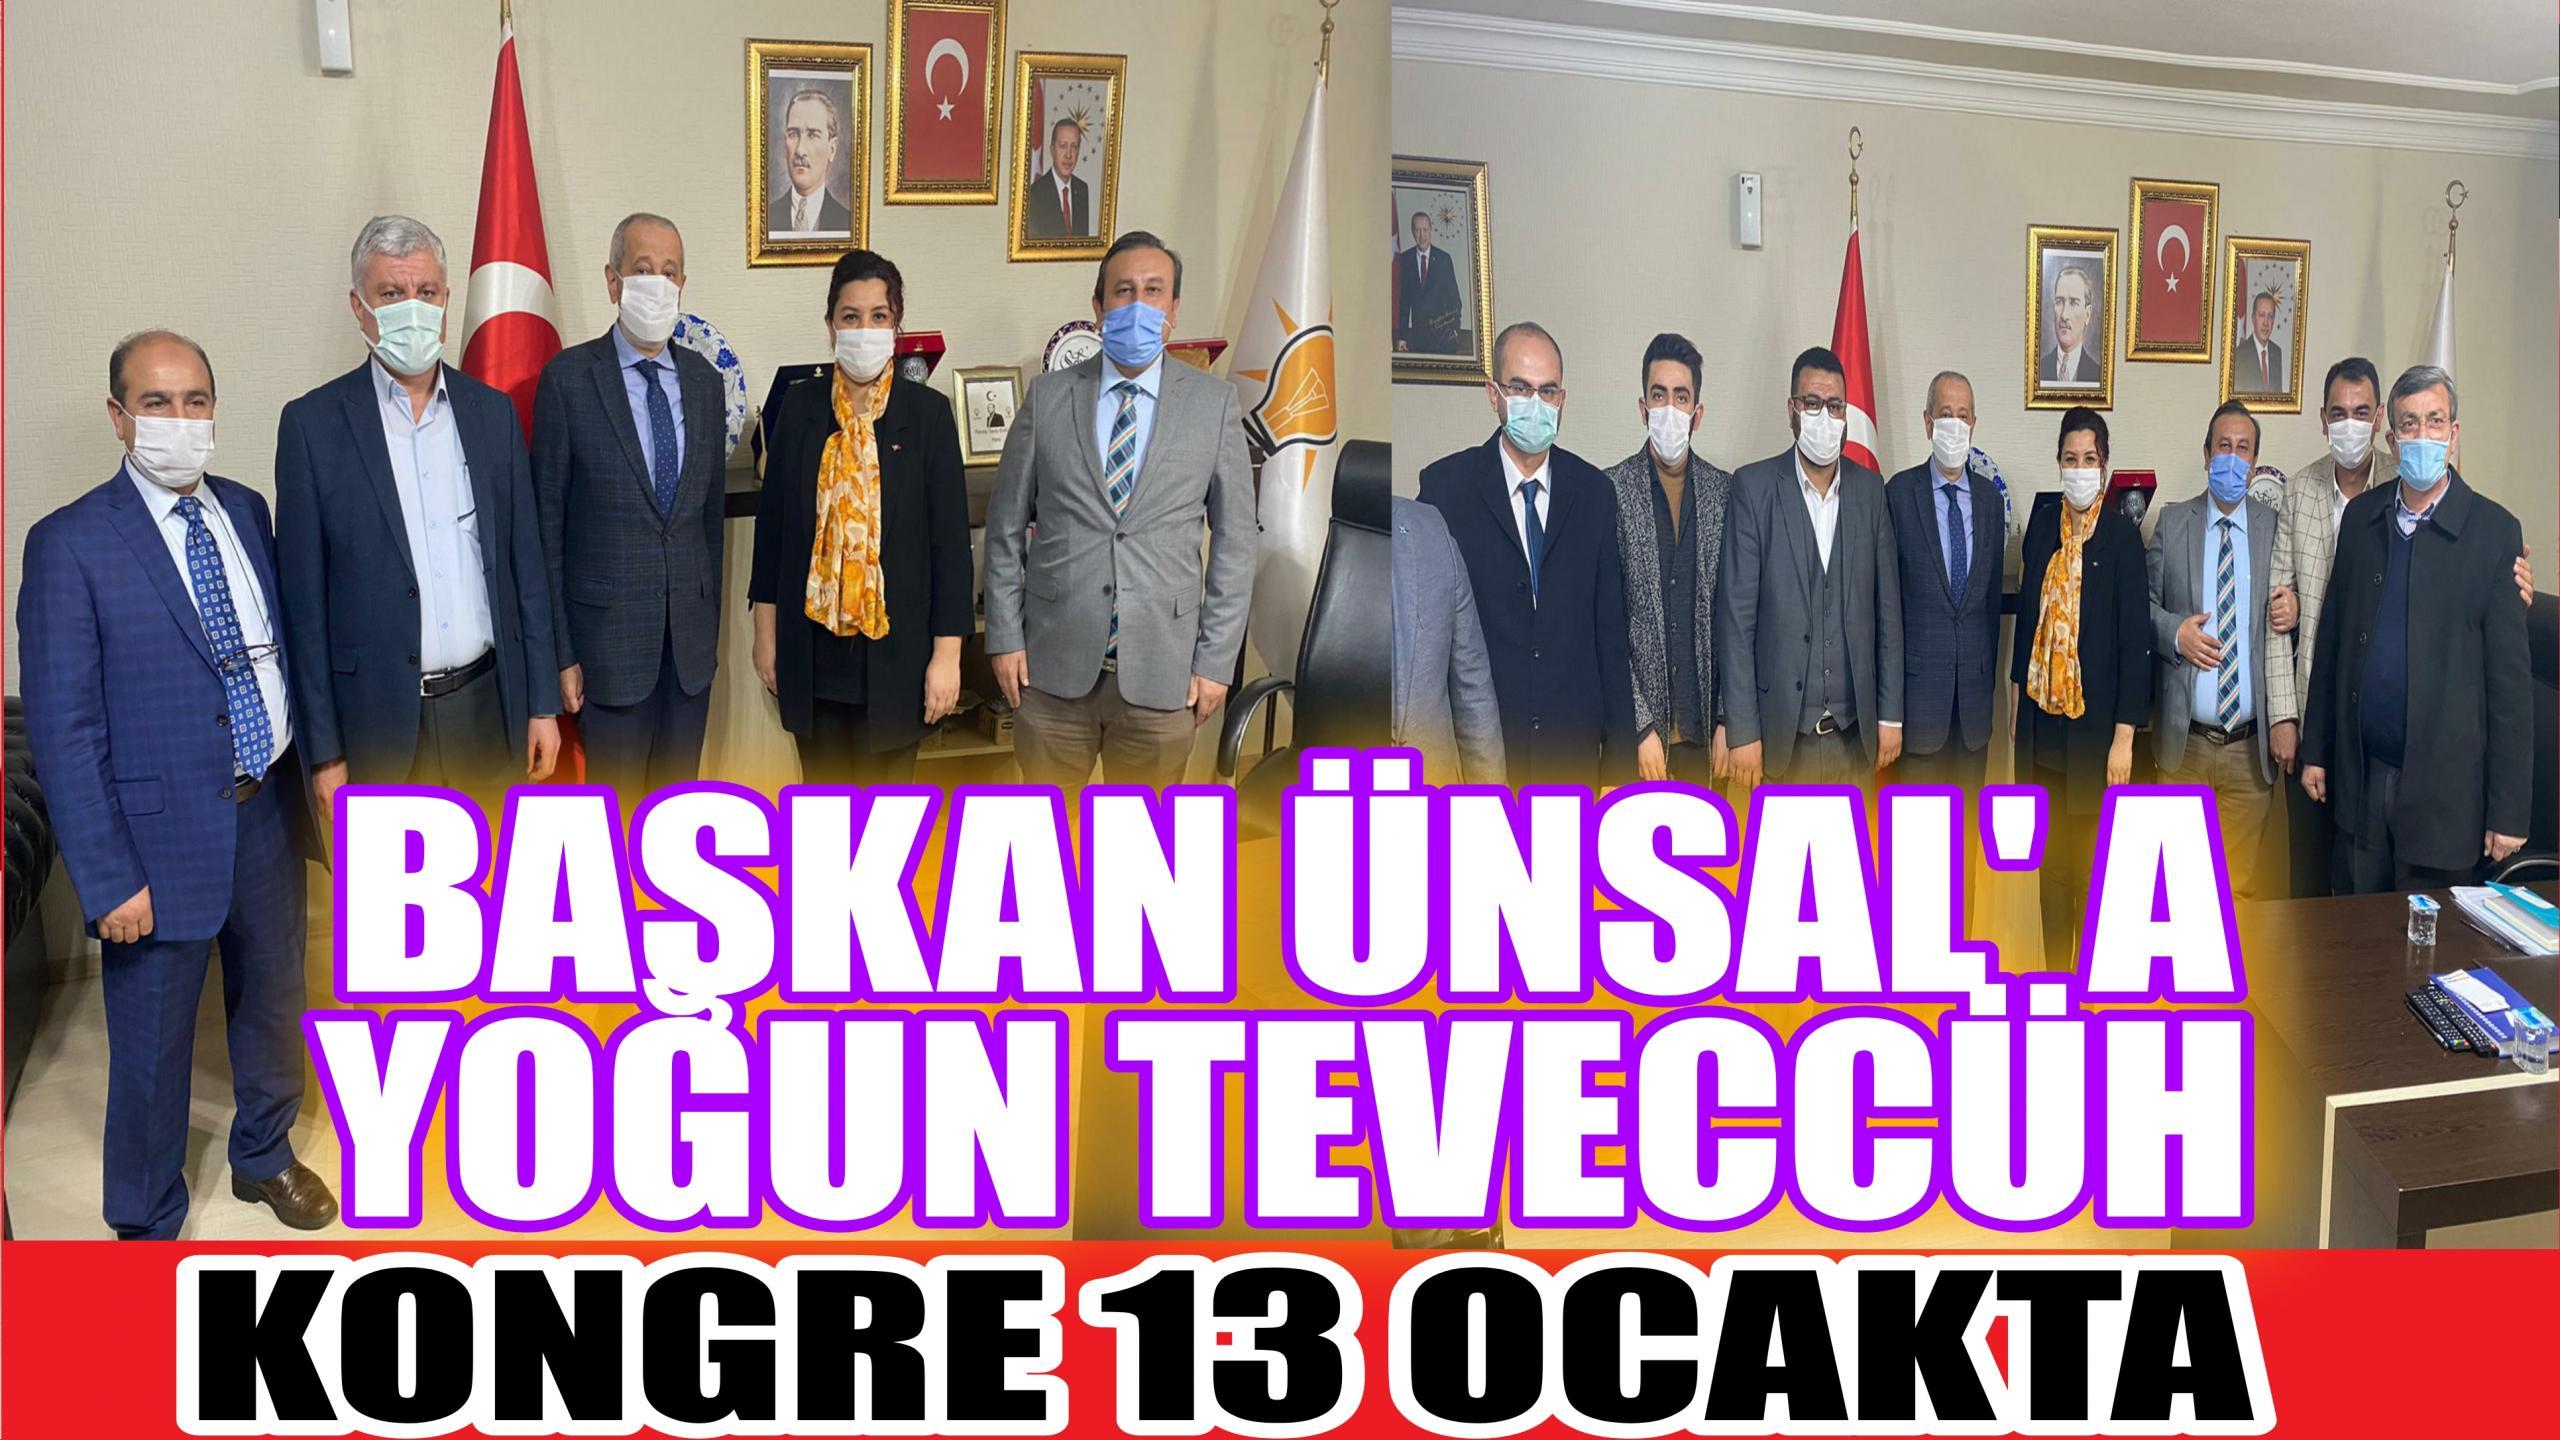 BAŞKAN ÜNSALA YOĞUN TEVECCÜH DEVAM EDİYOR!!